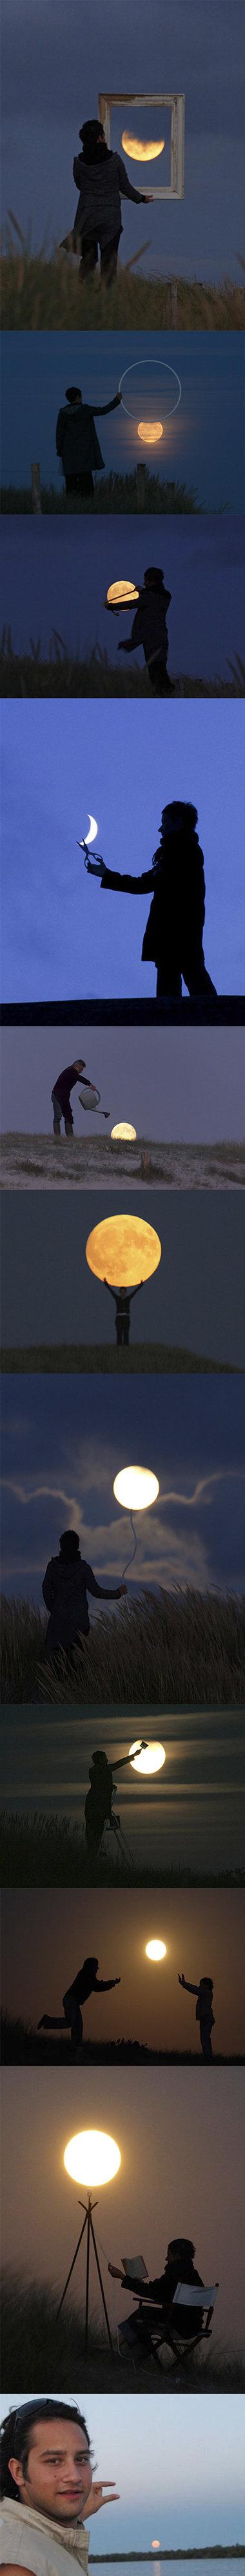 The Moon.... . Moon night Sky funny fail